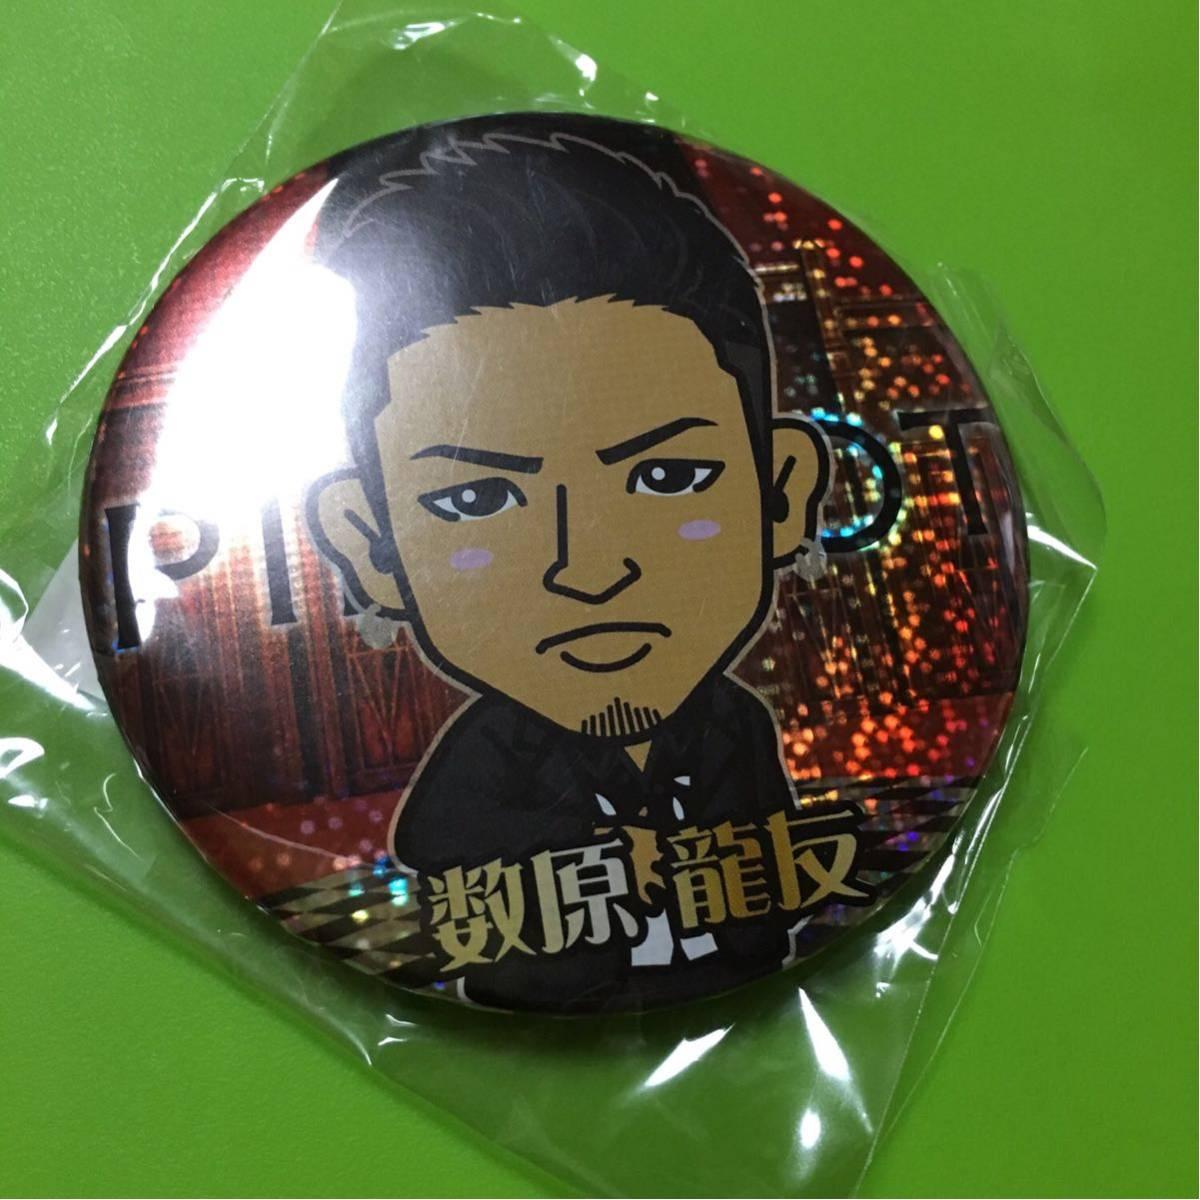 数原龍友 缶バッジ☆MAD CYCLONE 2017 ツアー☆オンラインブース ガチャ 75mm☆未使用 新品 PIERROT CD